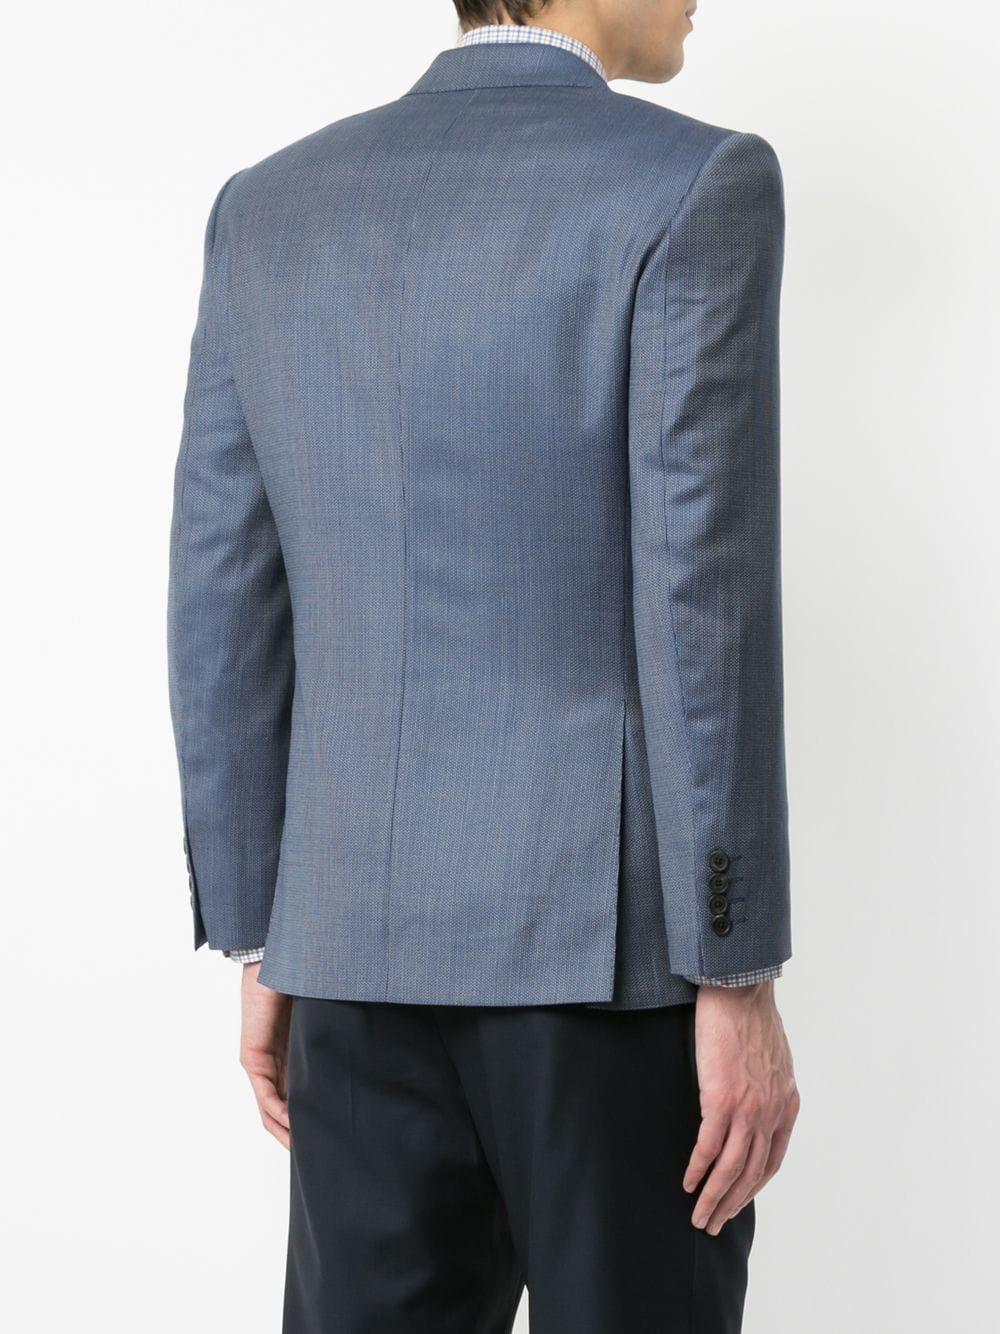 Gieves & Hawkes Wol Klassieke Getailleerde Blazer in het Blauw voor heren